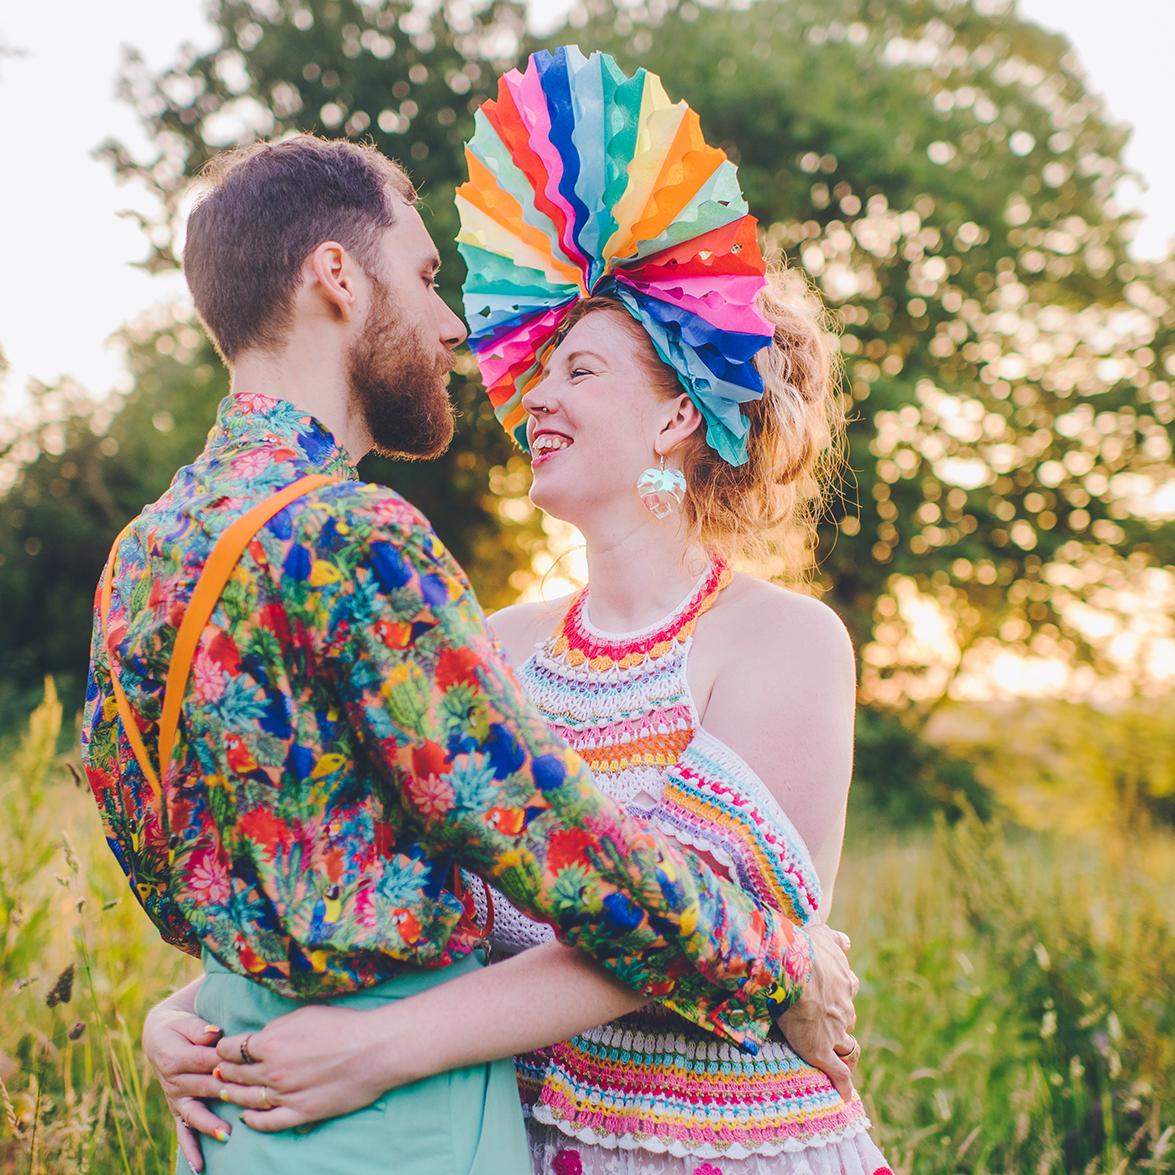 katie_and_tom_june_17_rachel_manns_highres_659_sussex_crochet_wedding_photographer.jpg